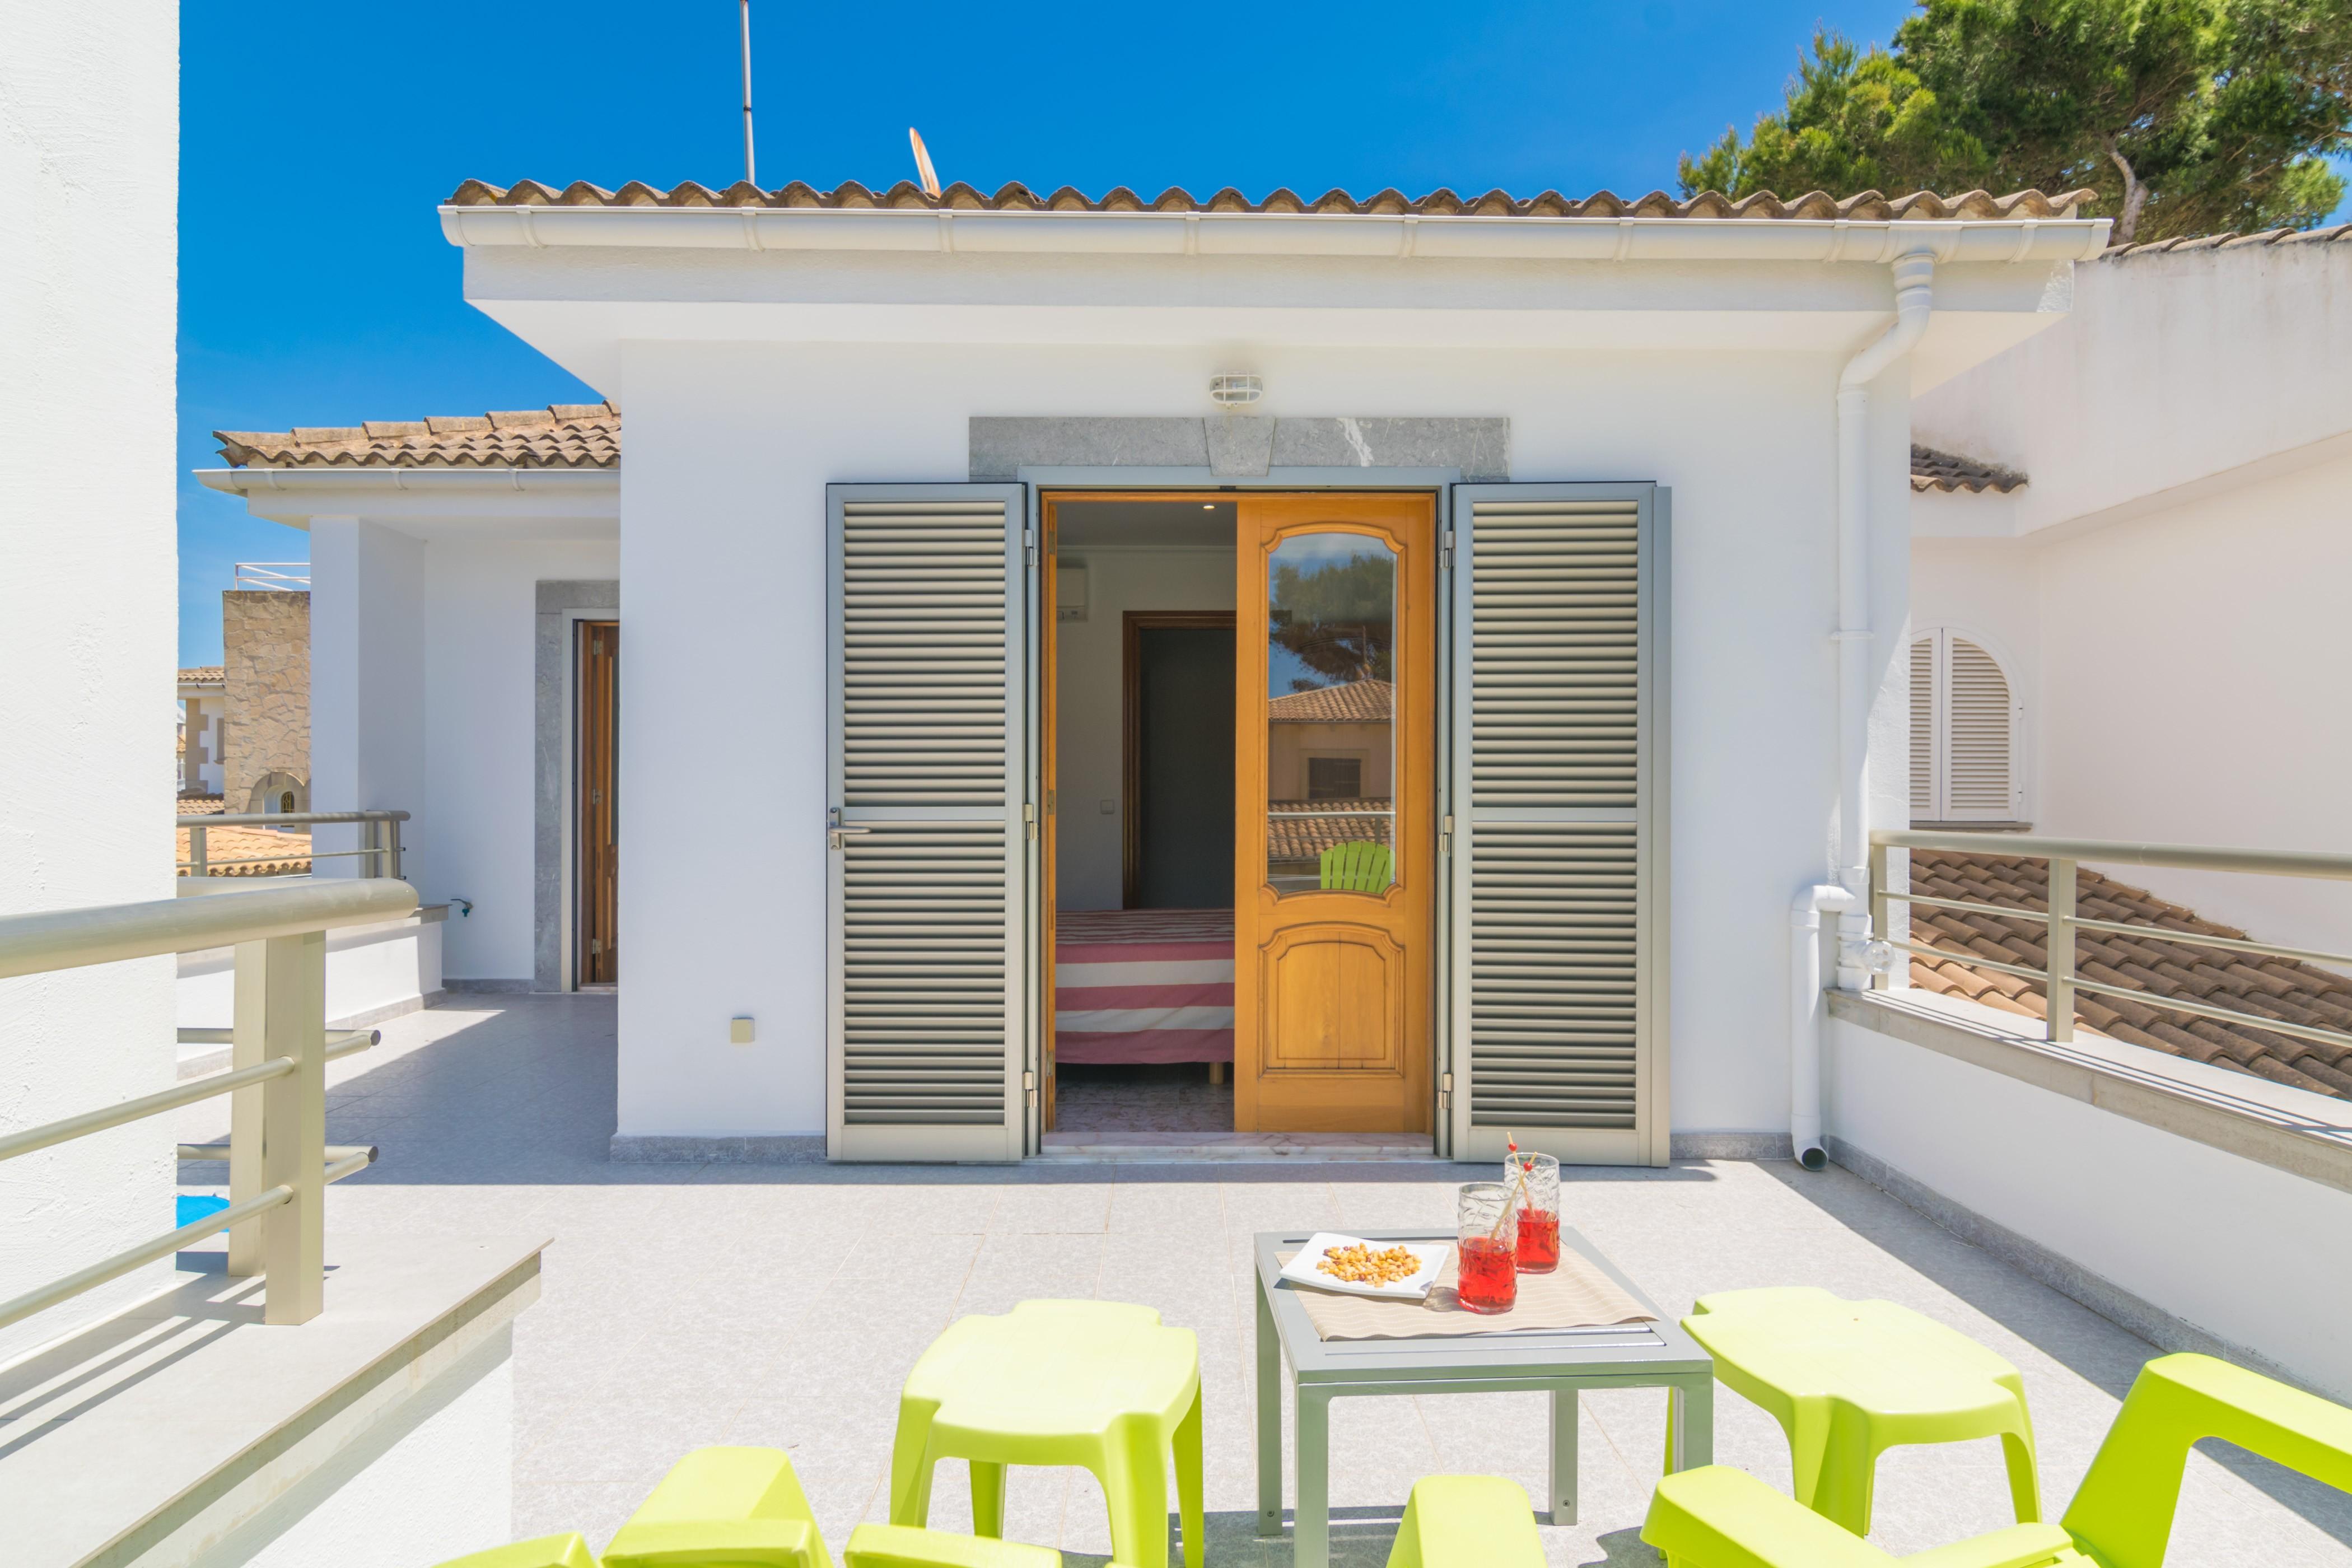 Ferienhaus VILLA ISABEL (1871702), Platja de Muro, Mallorca, Balearische Inseln, Spanien, Bild 34